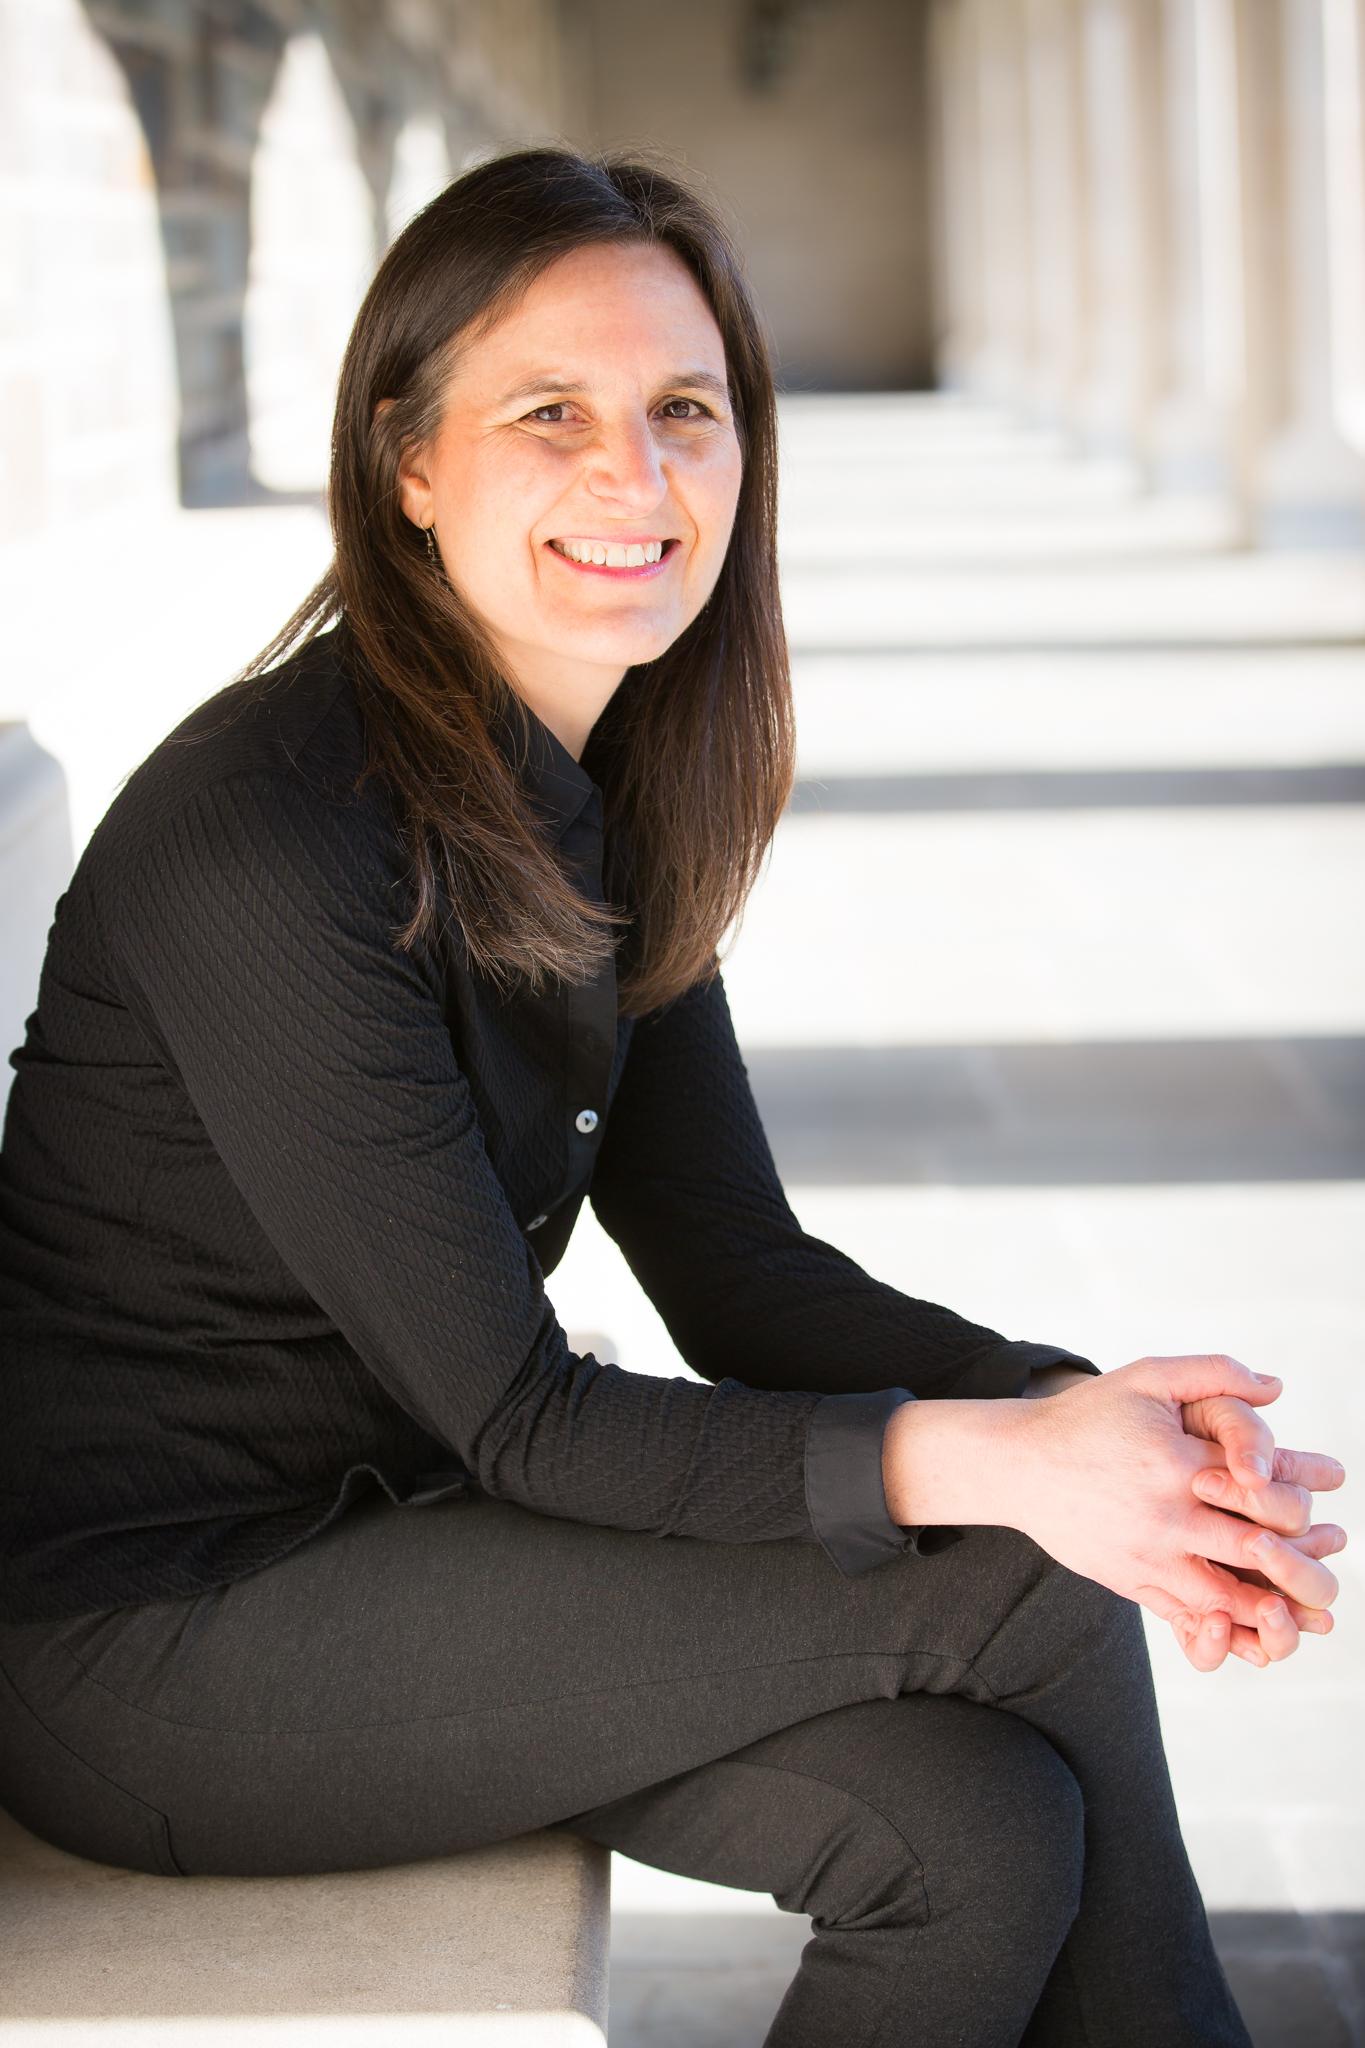 Jane Schwartz, Princeton Dietitian Nutritionist